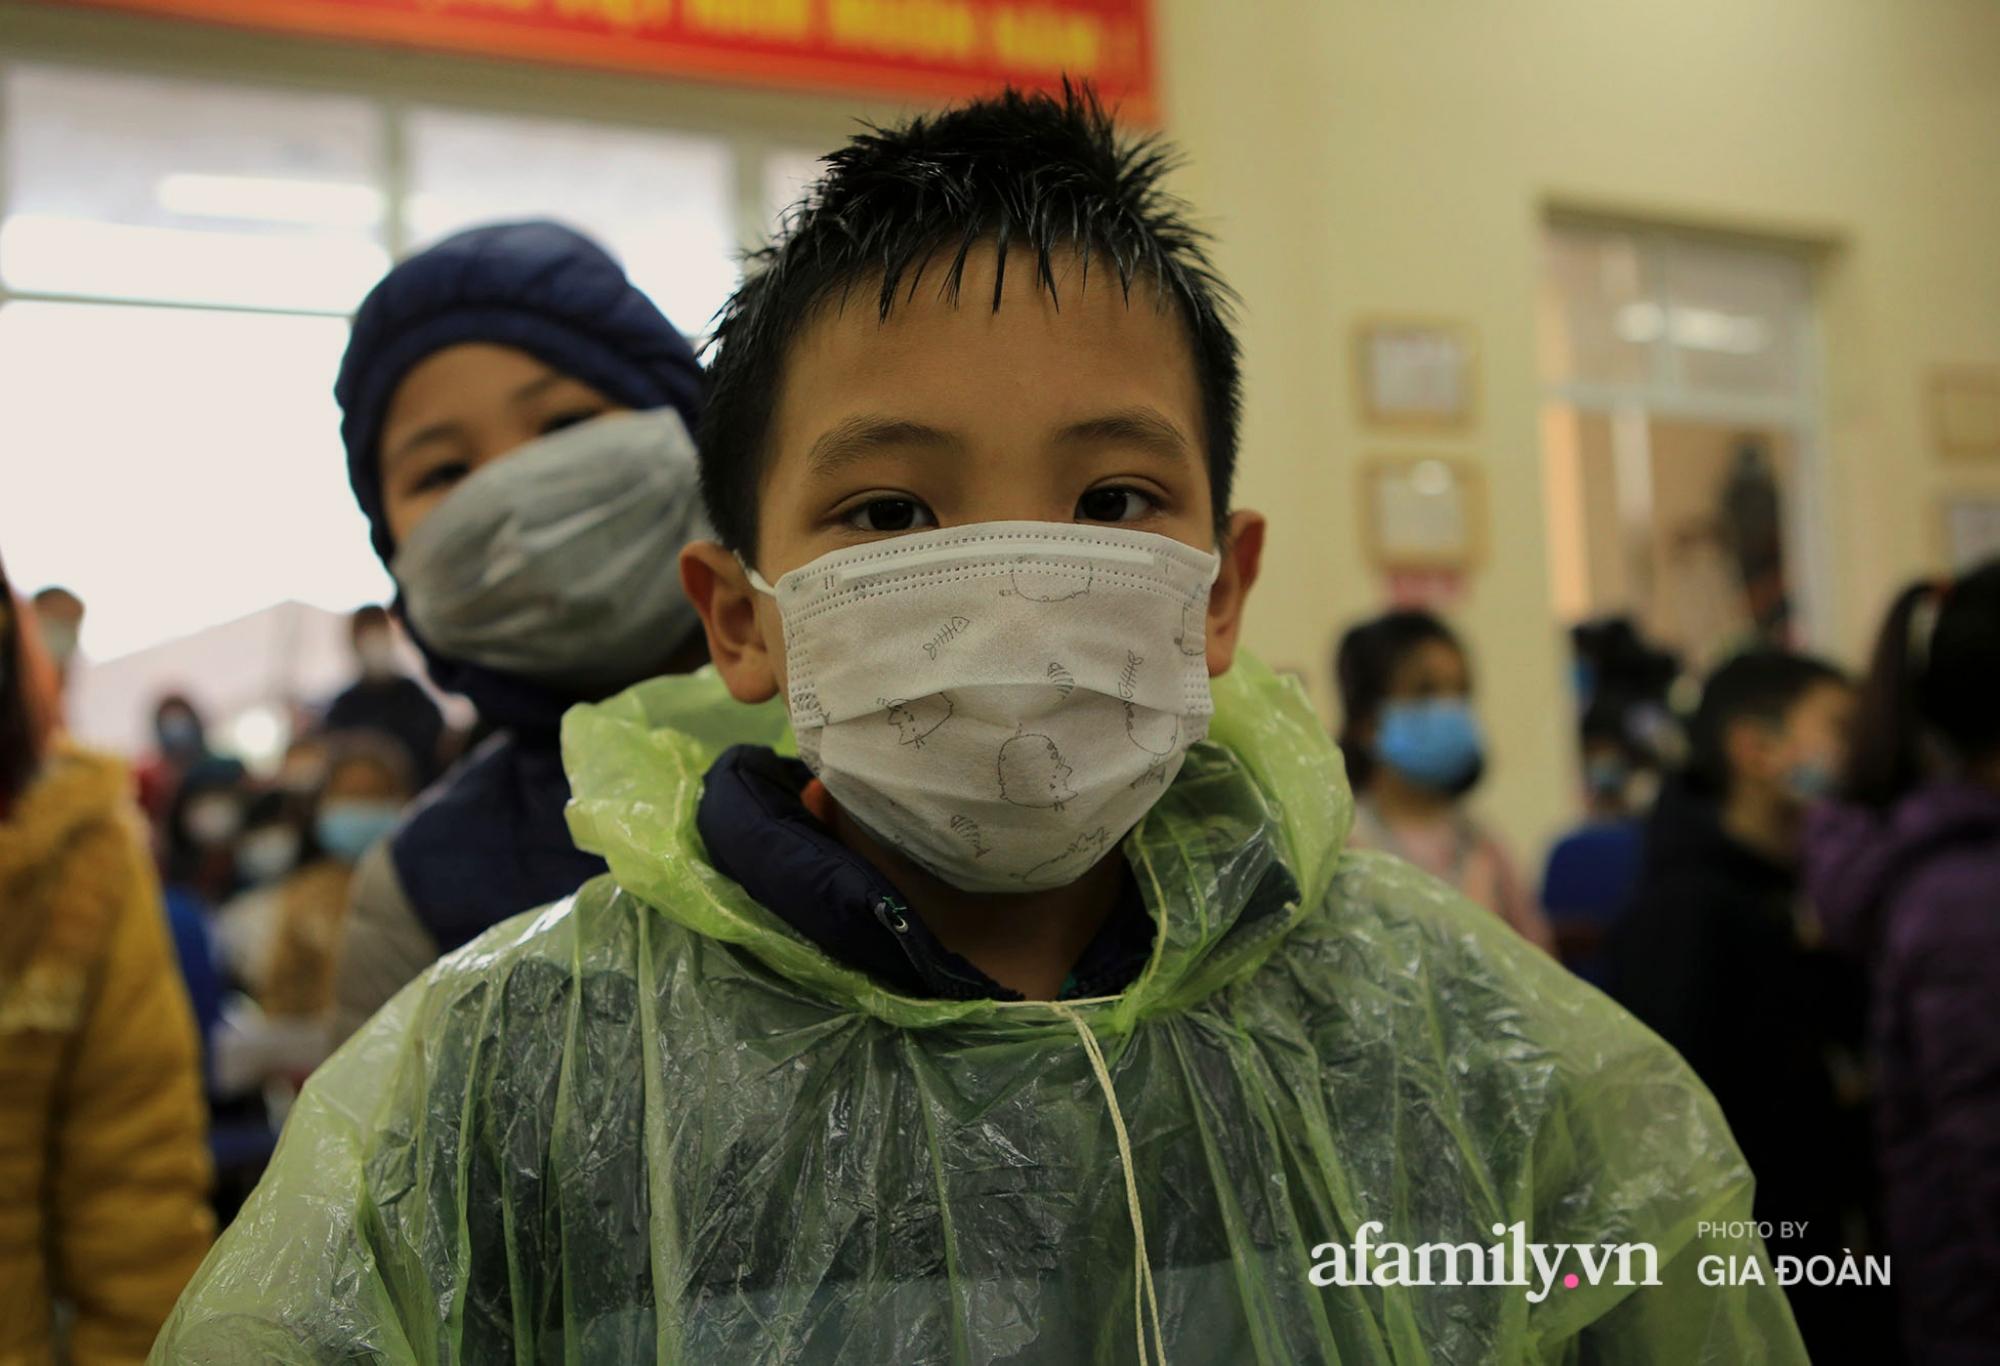 Hàng trăm F2 có liên quan đến học sinh đang cách ly tại Trường tiểu học Xuân Phương đội mưa đi lấy mẫu xét nghiệm Covid-19 - Ảnh 9.